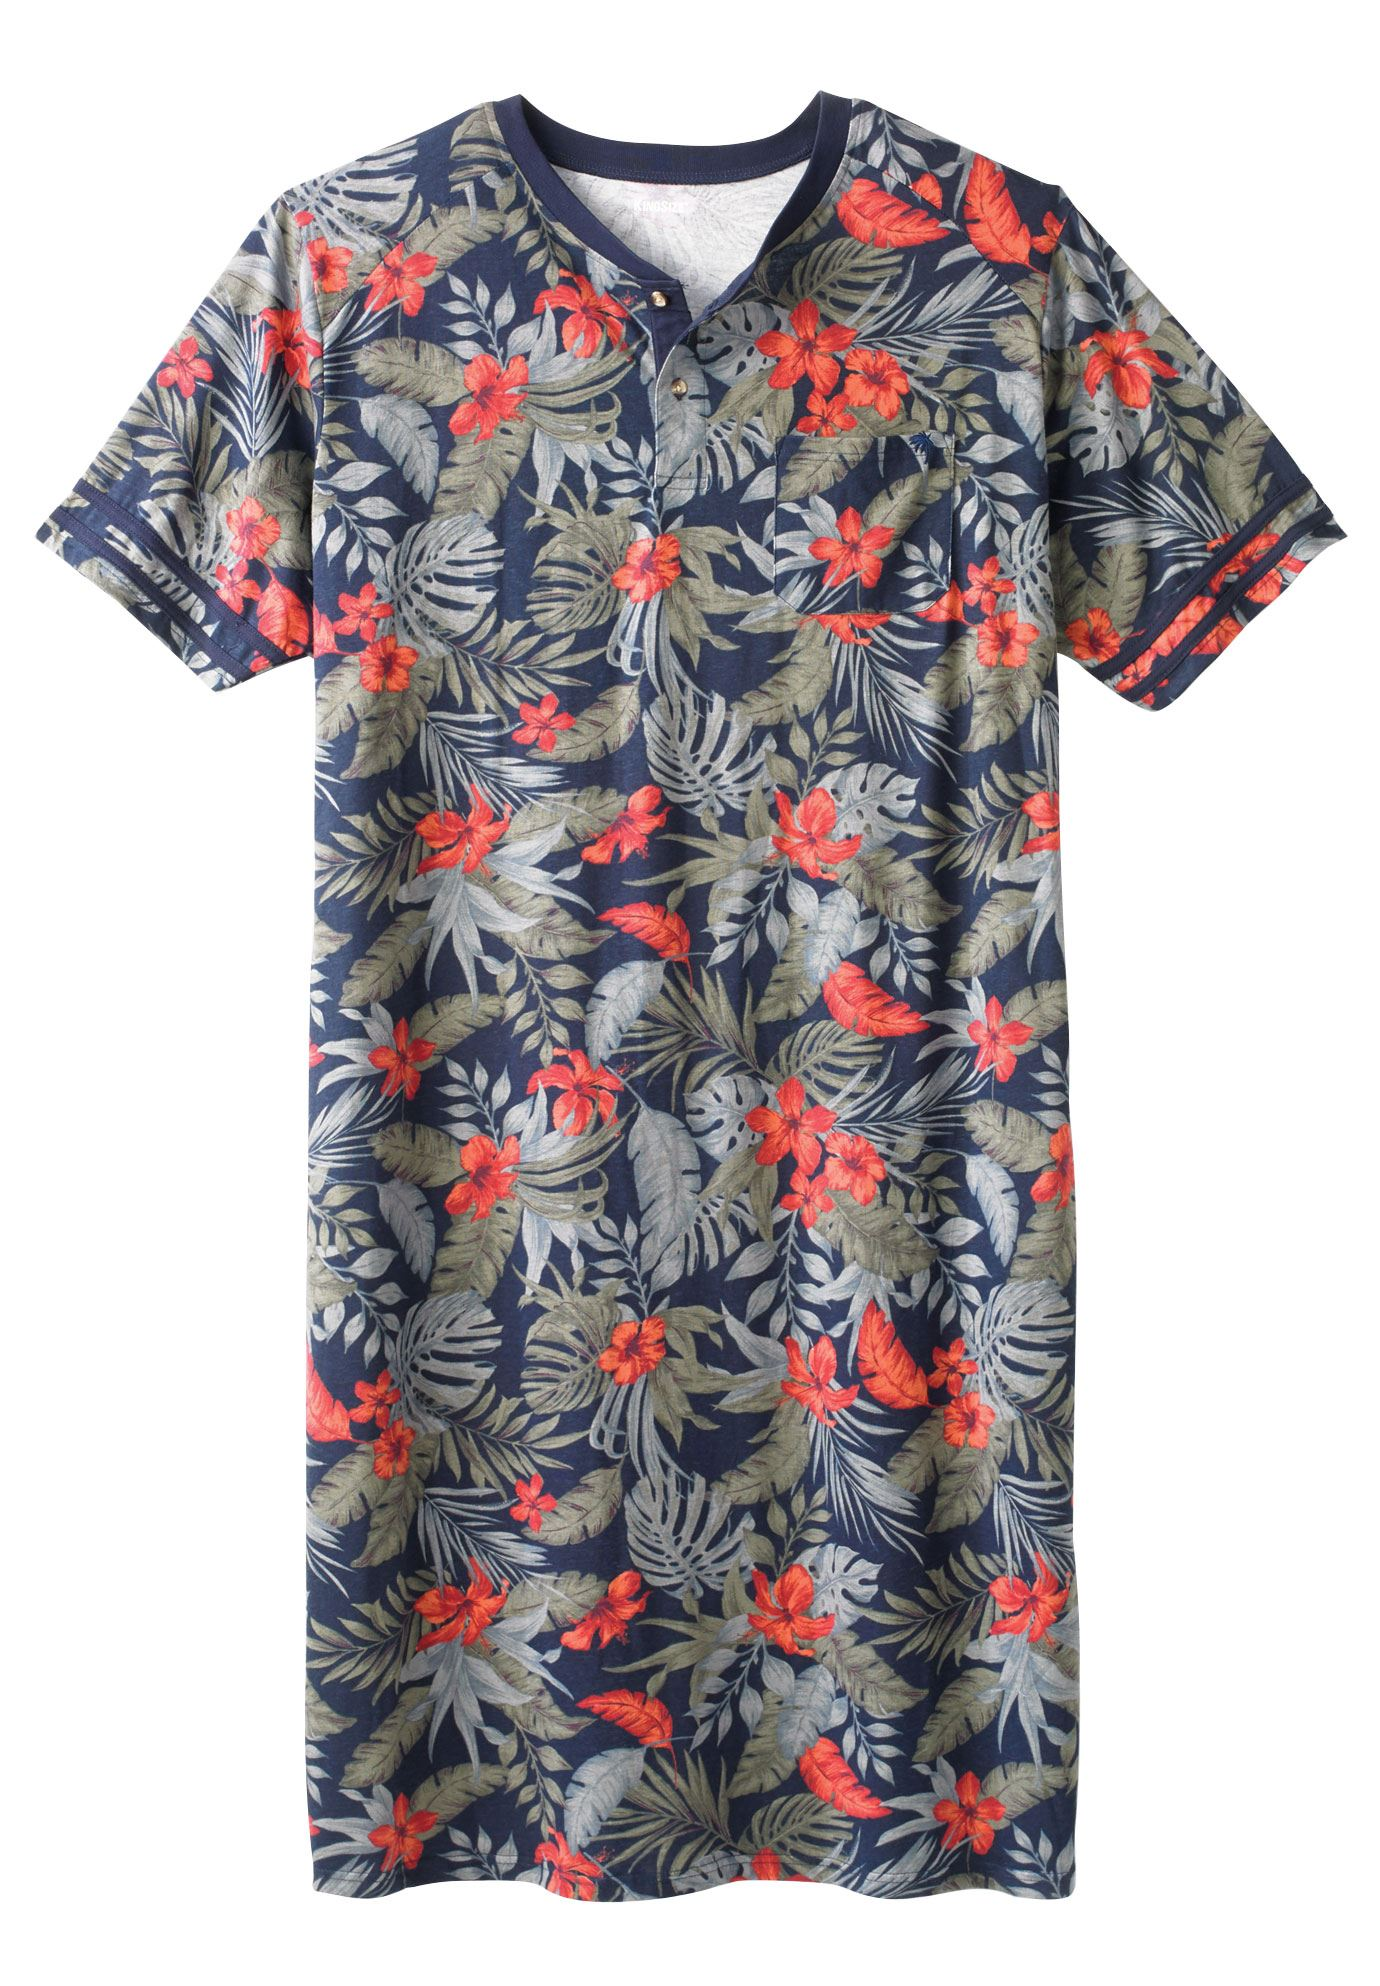 Ks Island Men's Big & Tall Henley Nightshirt